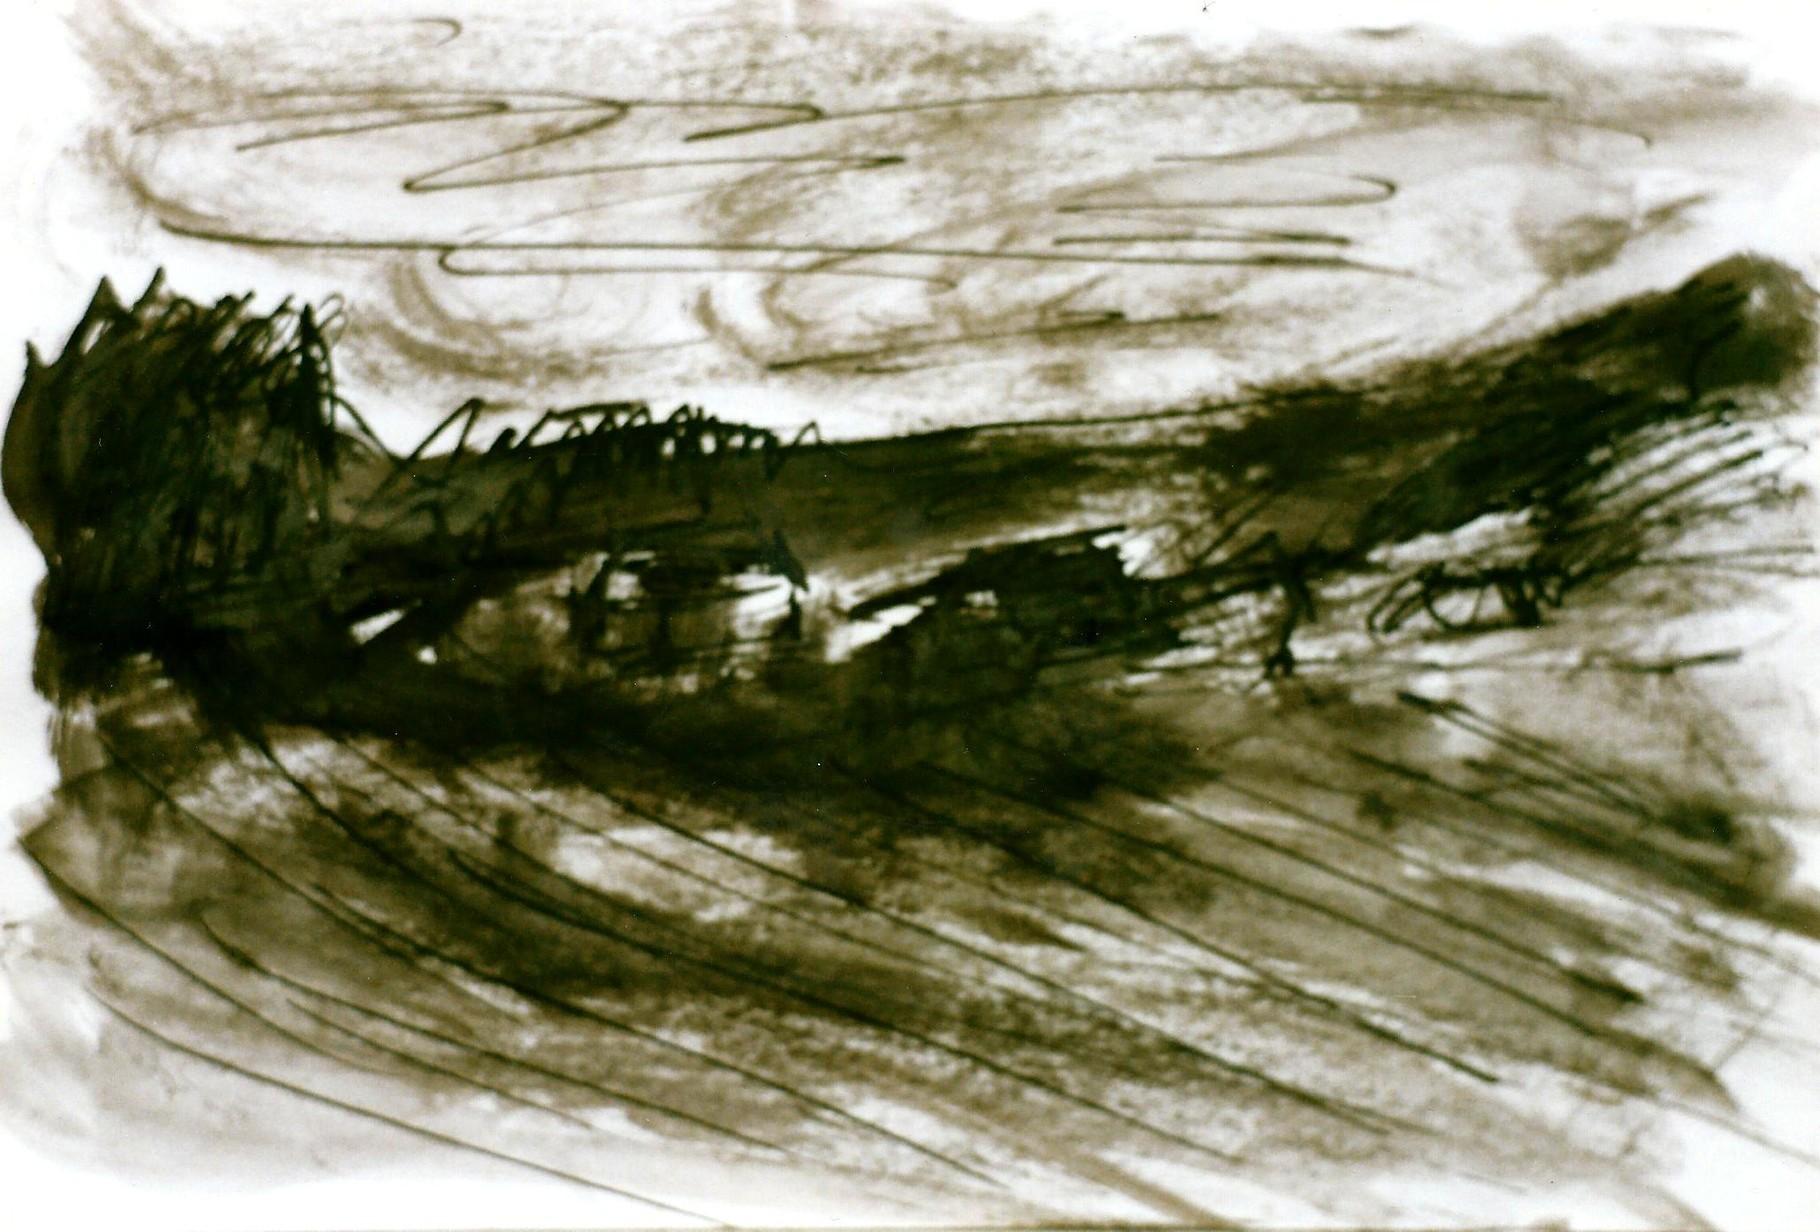 Pedro Meier Multimedia Artist – Zyklus von Federkiel-Zeichnungen (No. IX) – Chinesische Sepia Tinte auf Papier – 30x21 cm – 1996 – Foto © Pedro Meier/ProLitteris